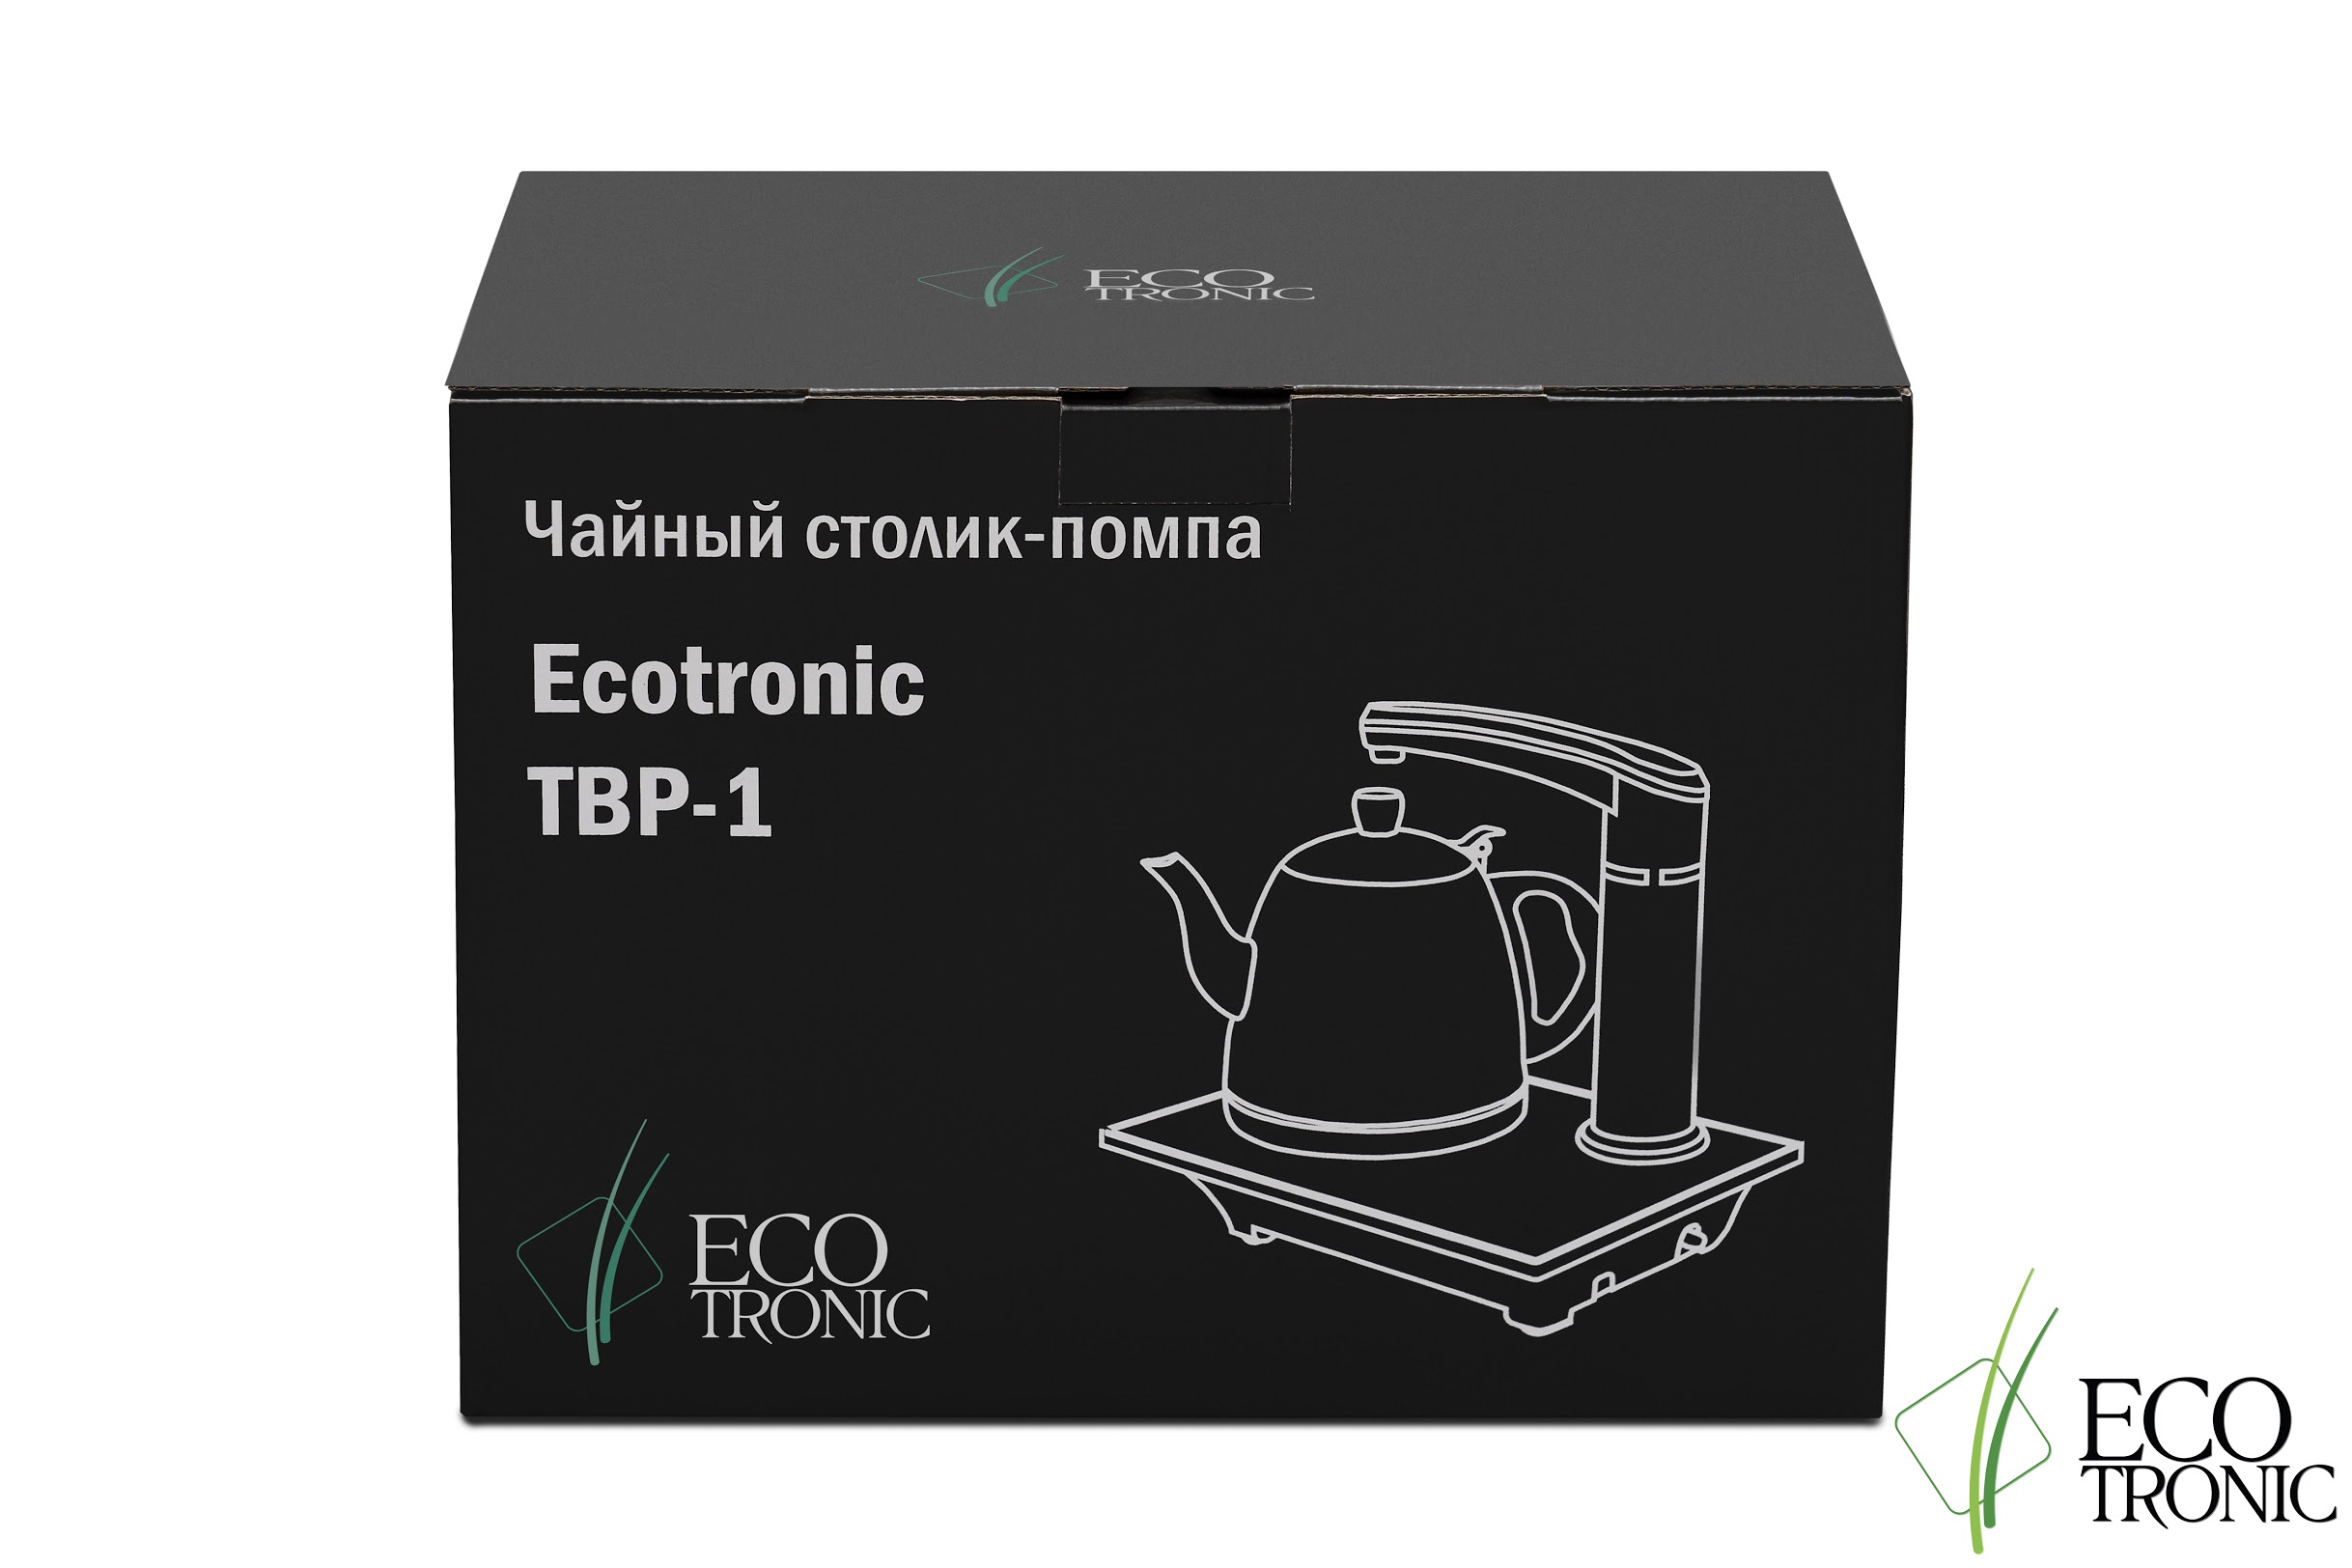 Чайный столик-помпа Ecotronic TBP-1